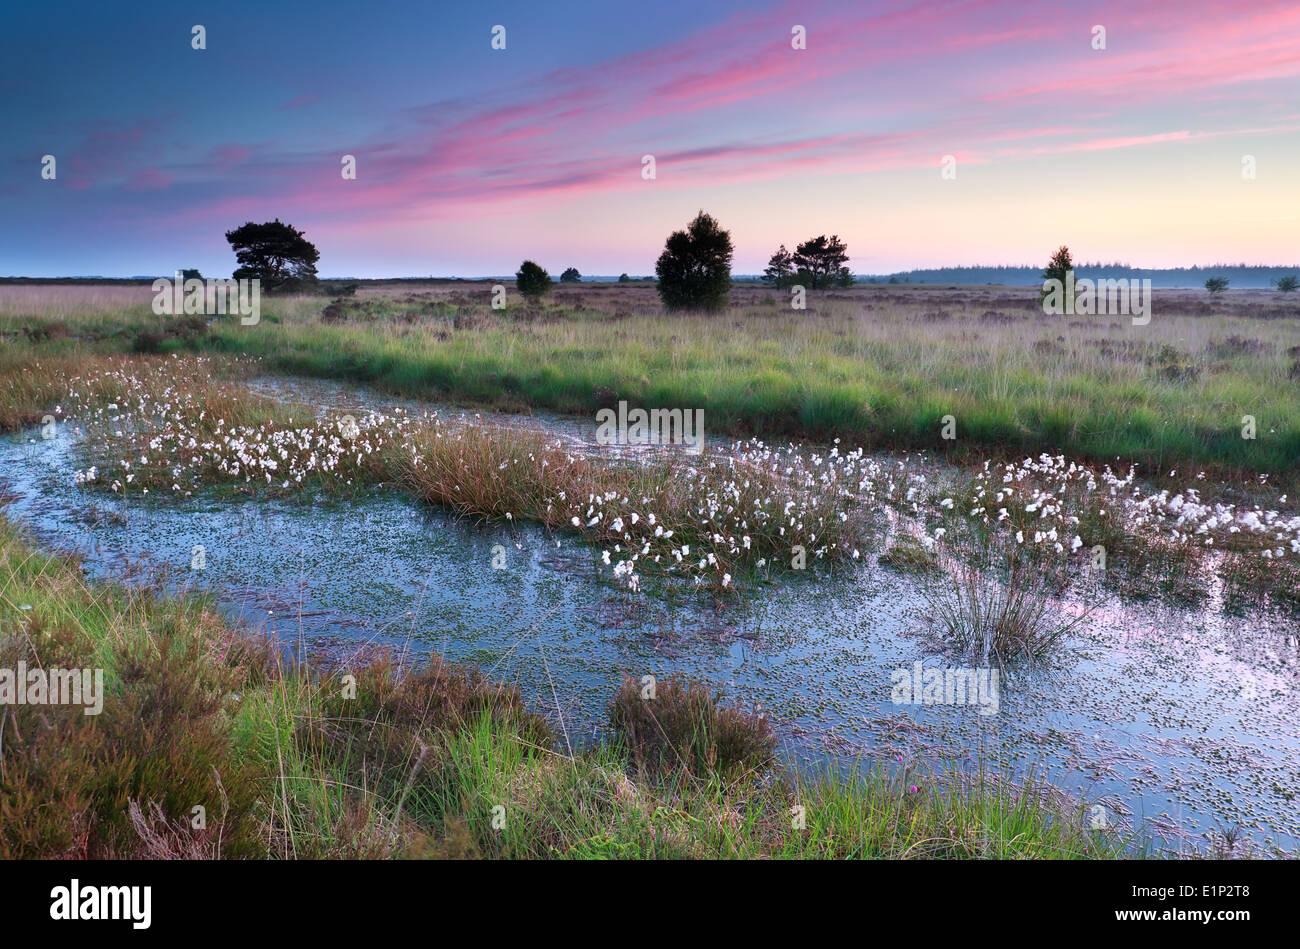 Amanecer sobre pantanosos con pasto de algodón, Frisia, Países Bajos Imagen De Stock